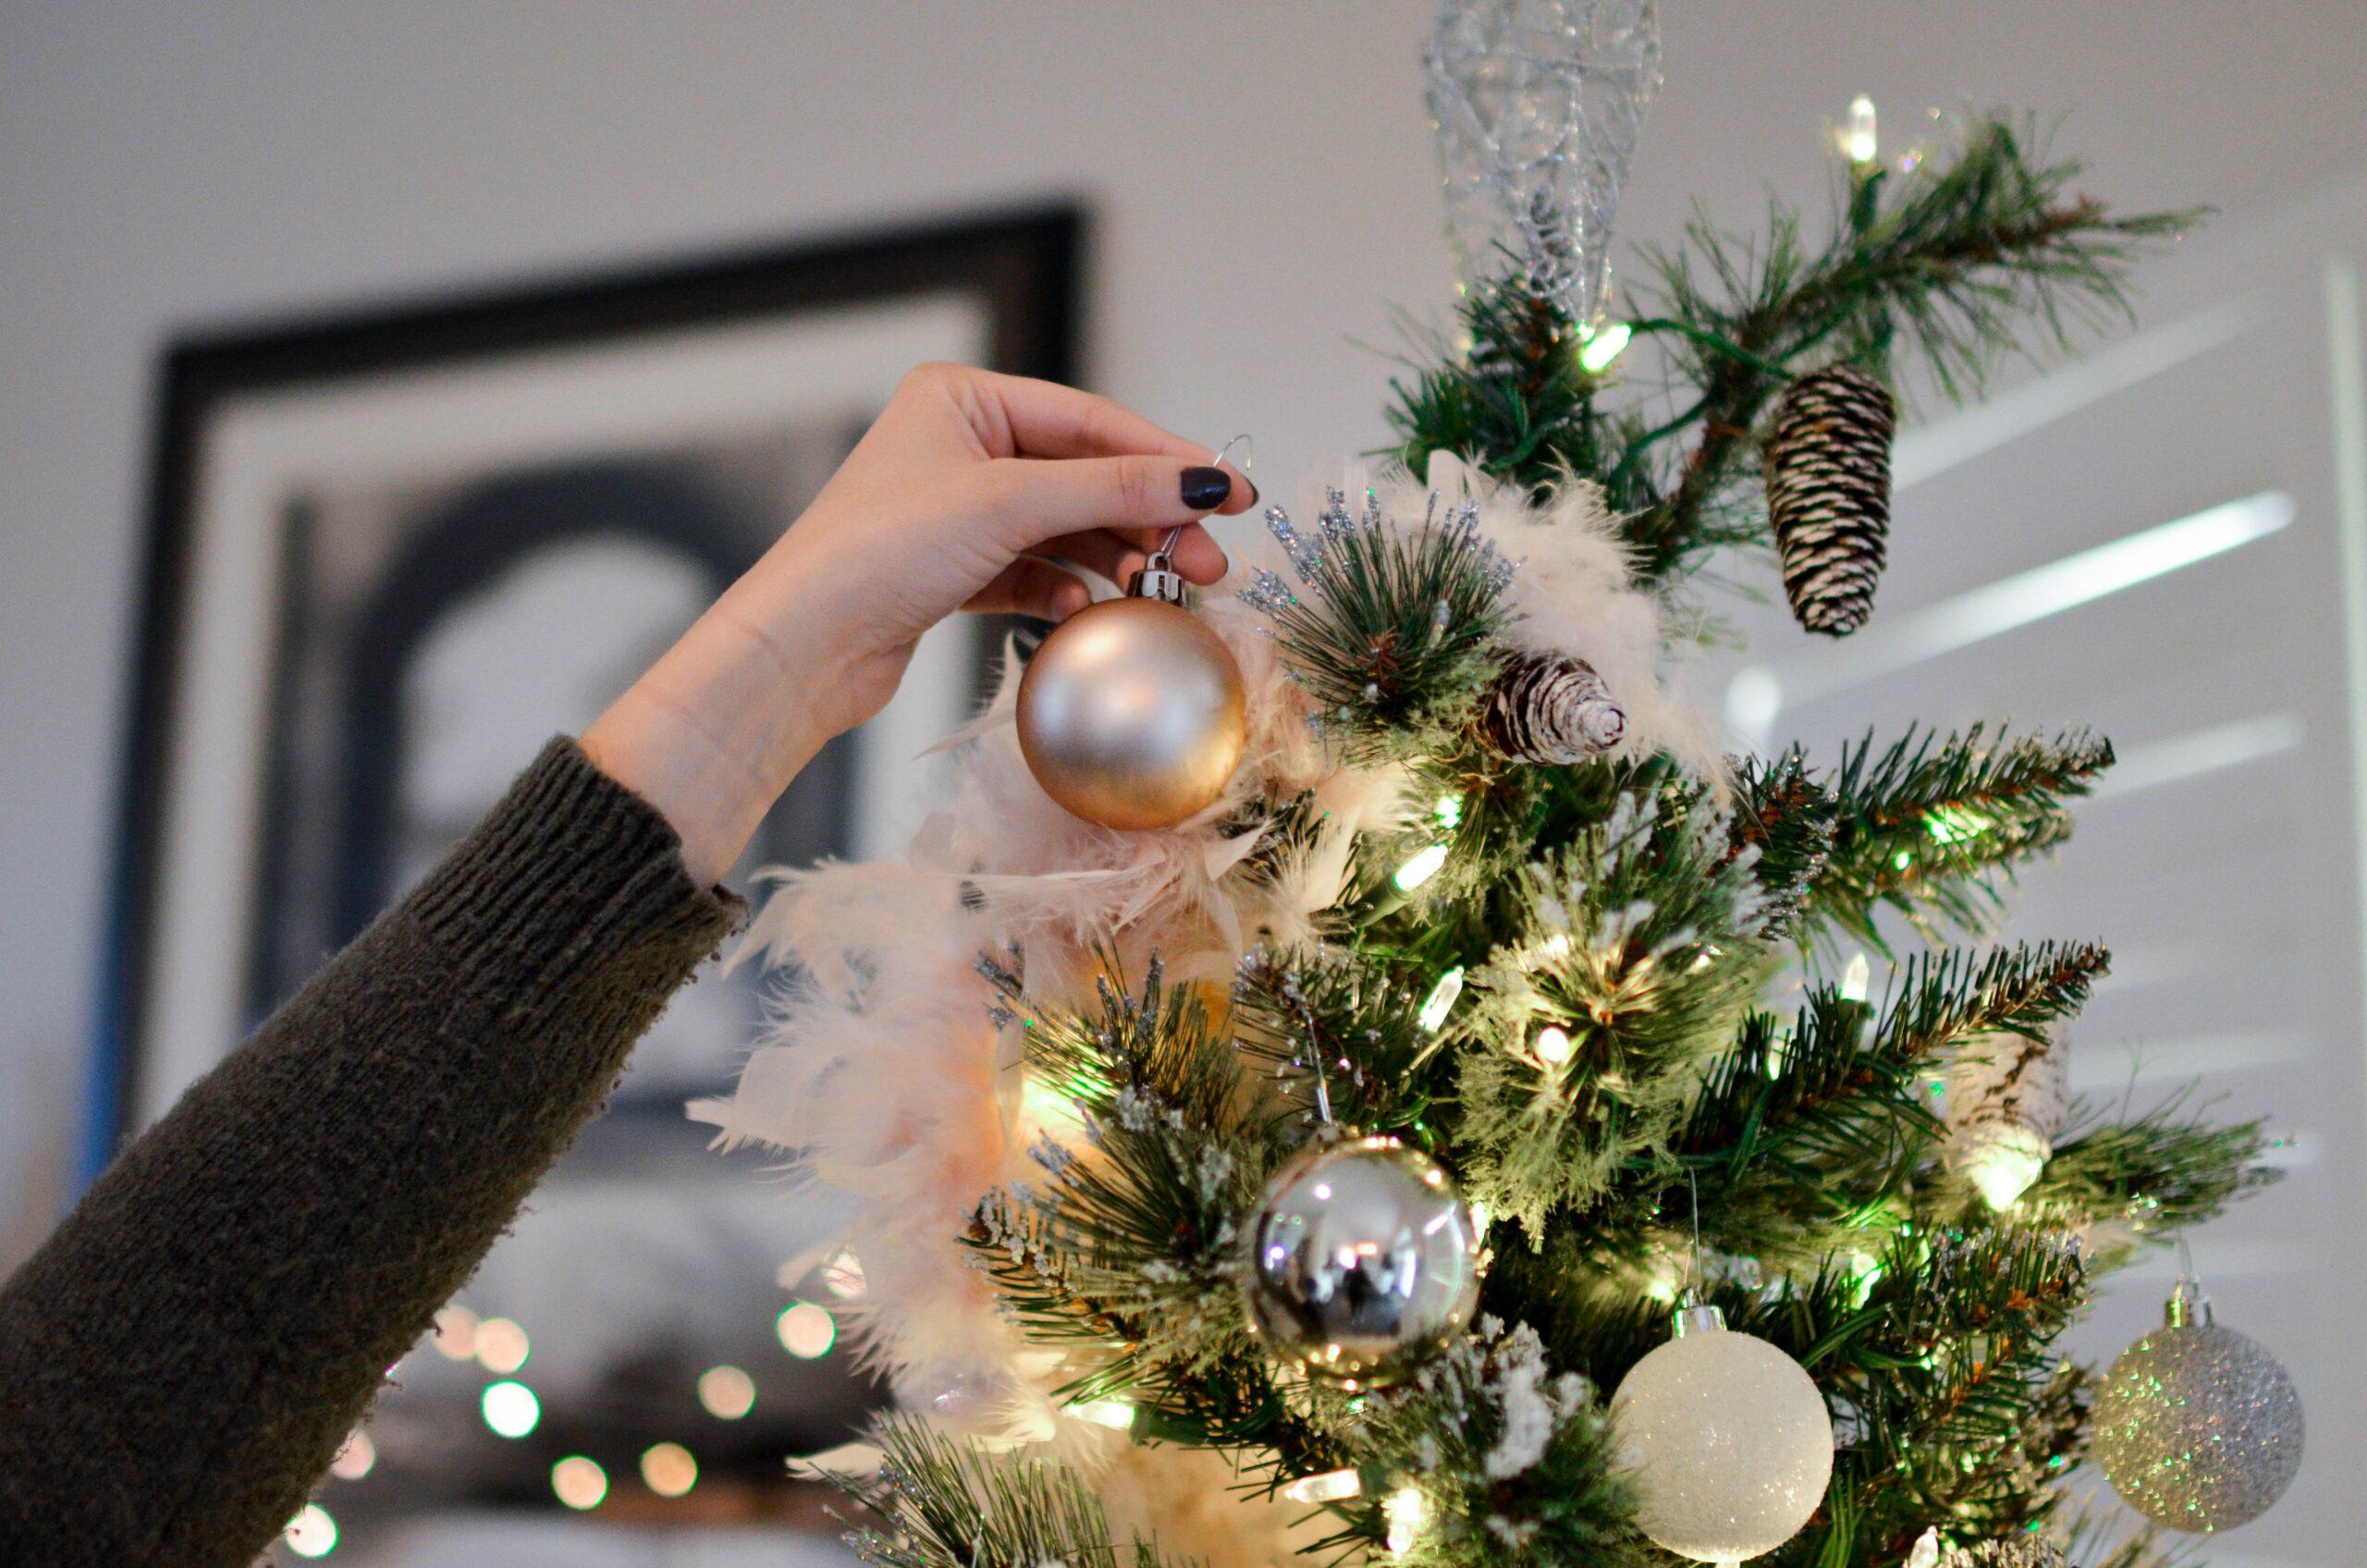 The Bree Van de Kamp Challenge : semaine 17 : les décorations de Noël par Imparfaites